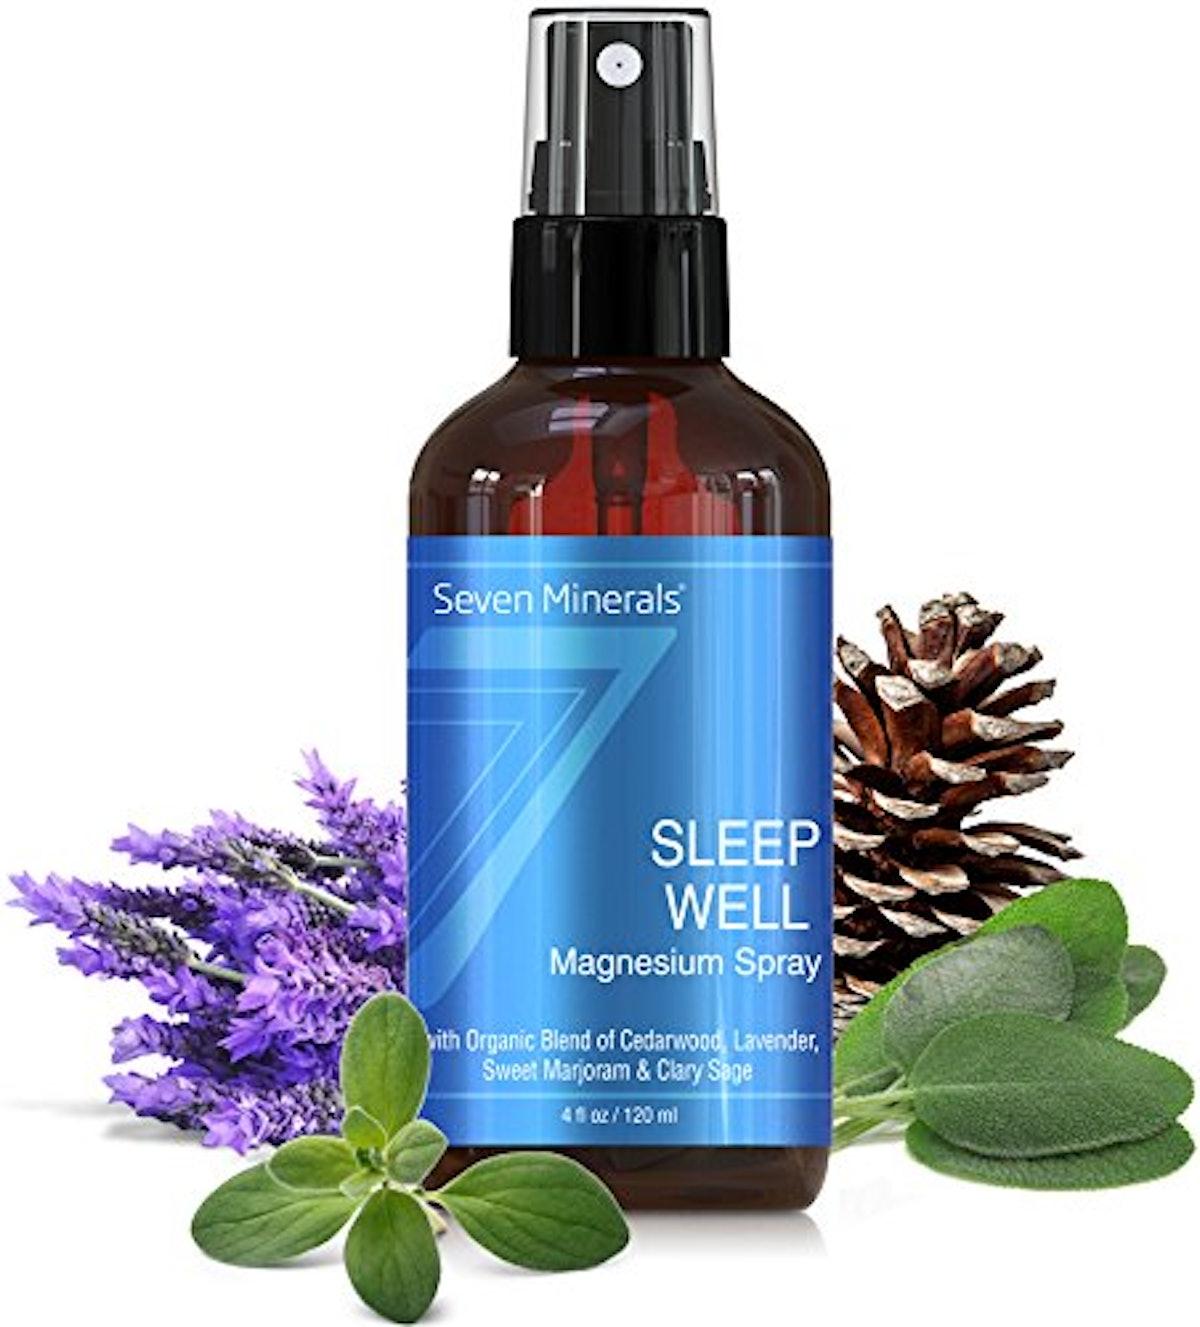 Seven Minerals Insomnia Spray